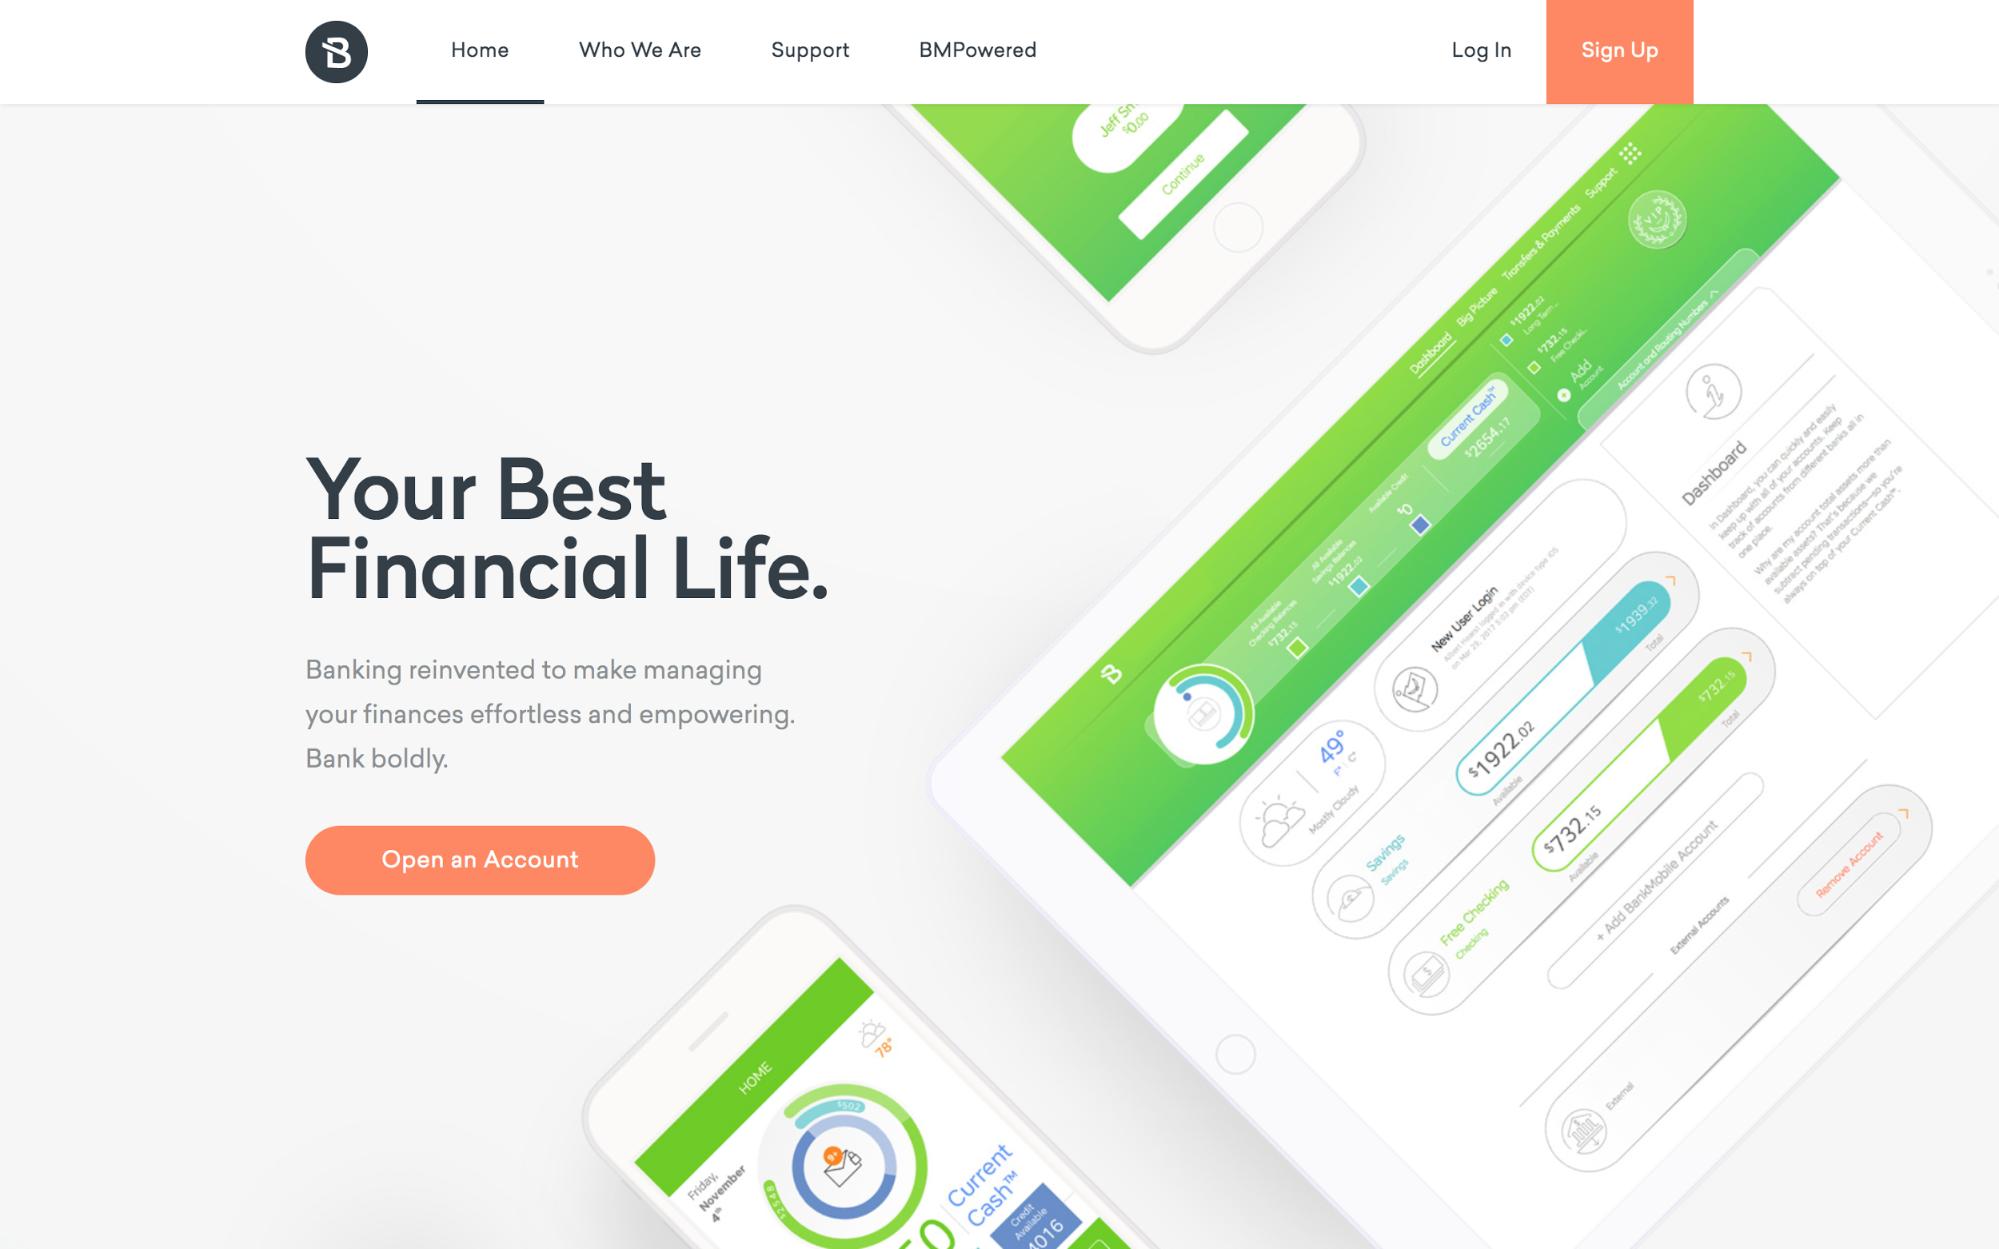 Tìm hiểu toàn tập về Flat Design trong thiết kế web